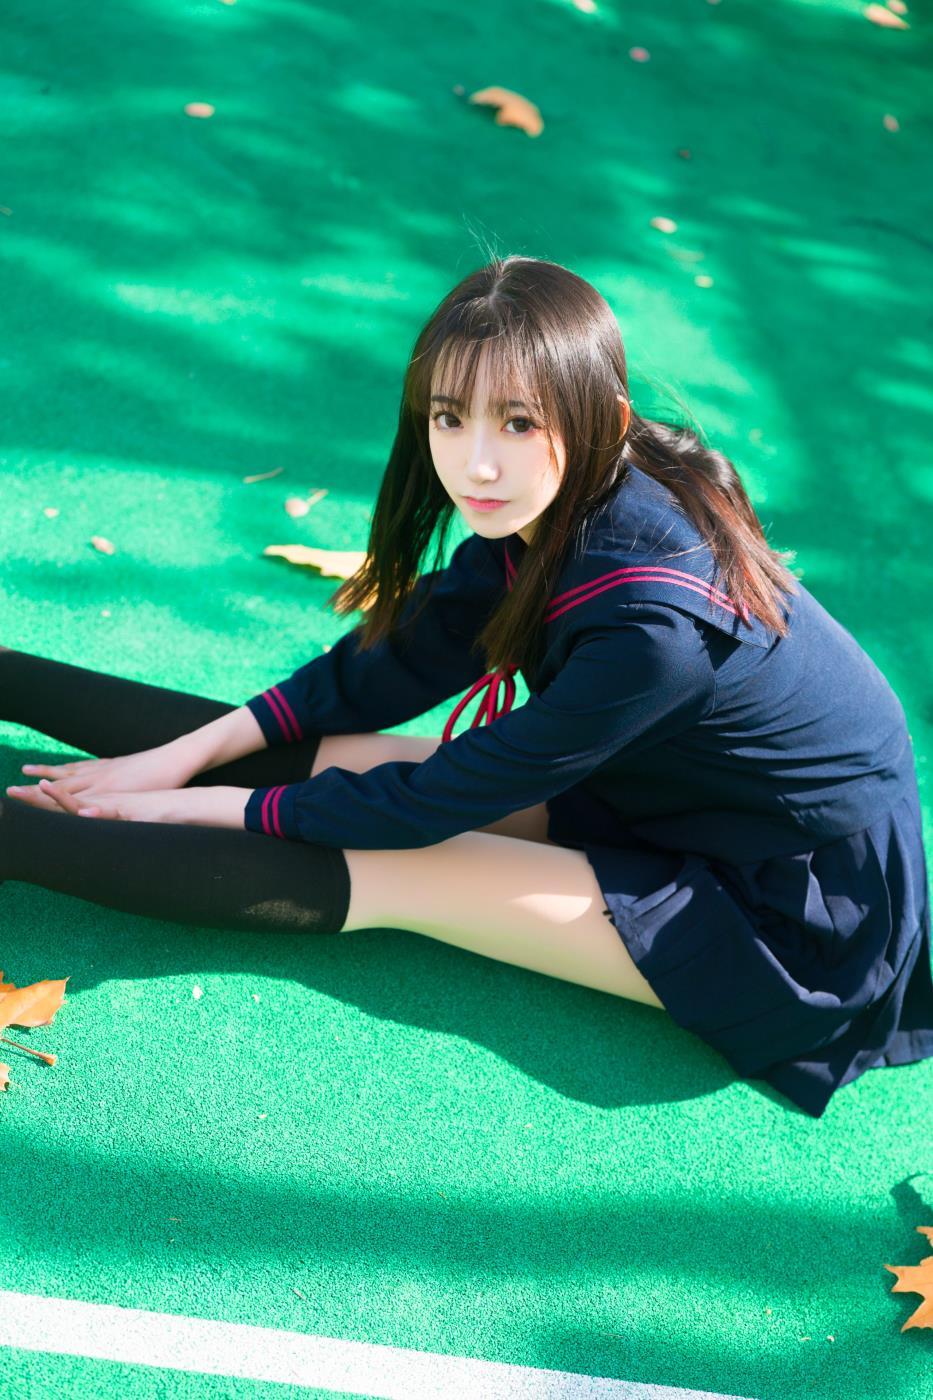 大学校花清纯美女制服少女俏皮可爱摄影写真图片